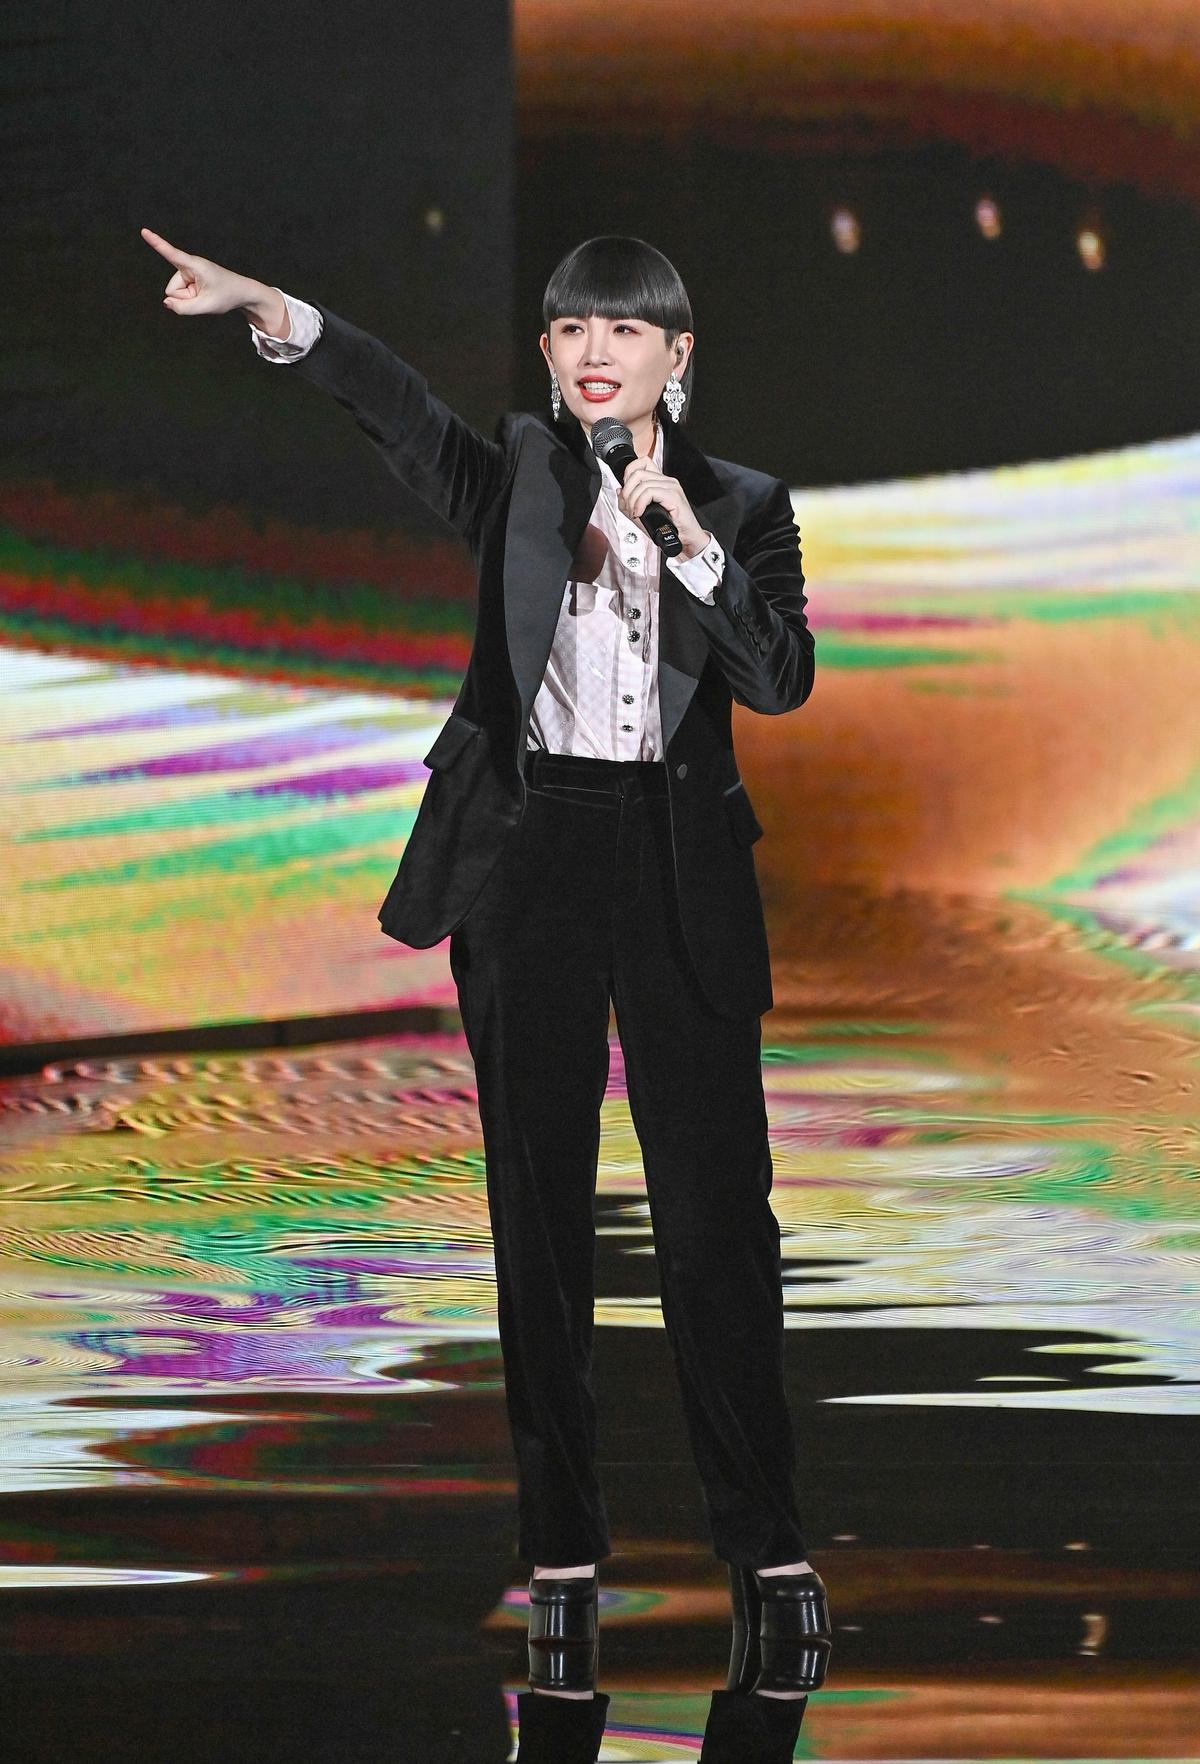 金曲31/阿爆開胡摘原住民語專輯獎 魏如萱歌舞秀開場自肥講感言